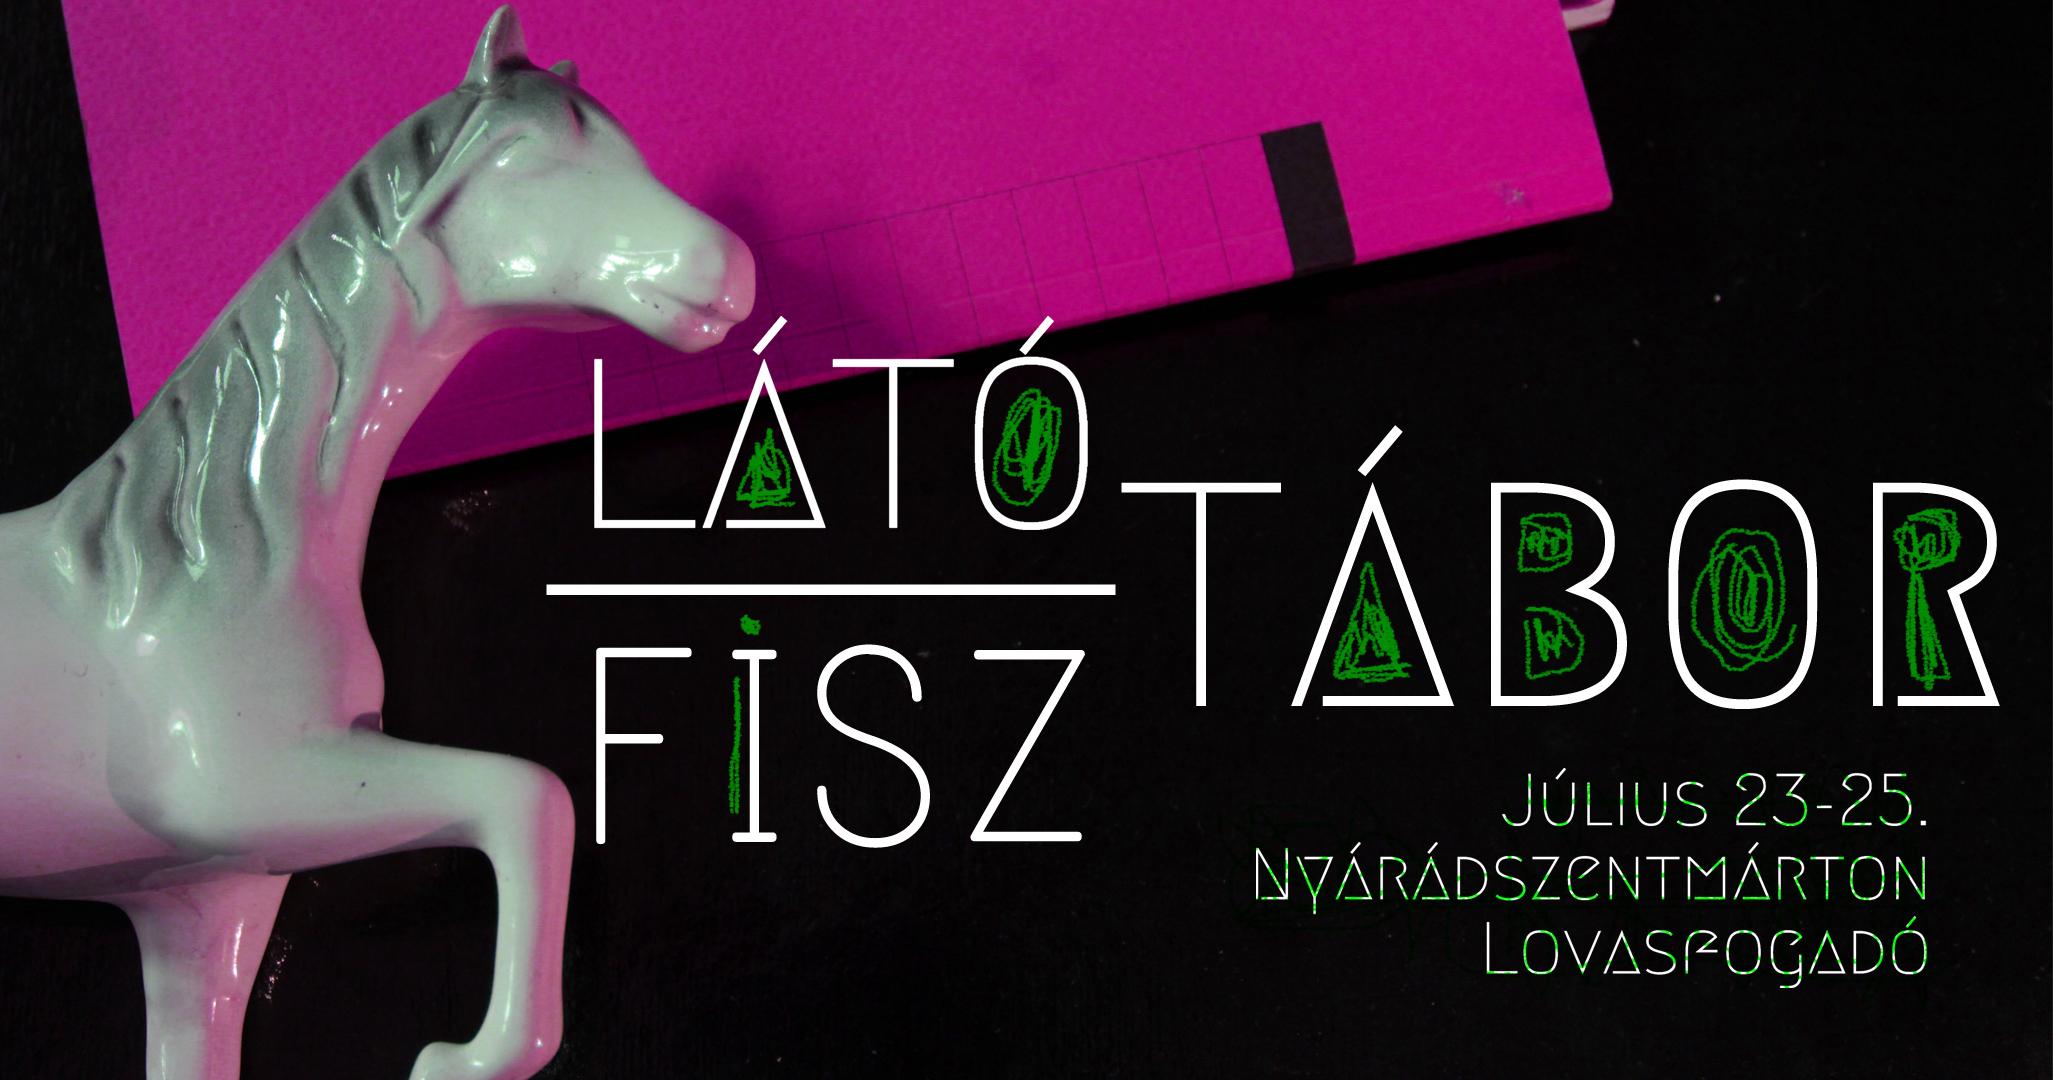 lato_fisz_tabor_event_cover2.jpg